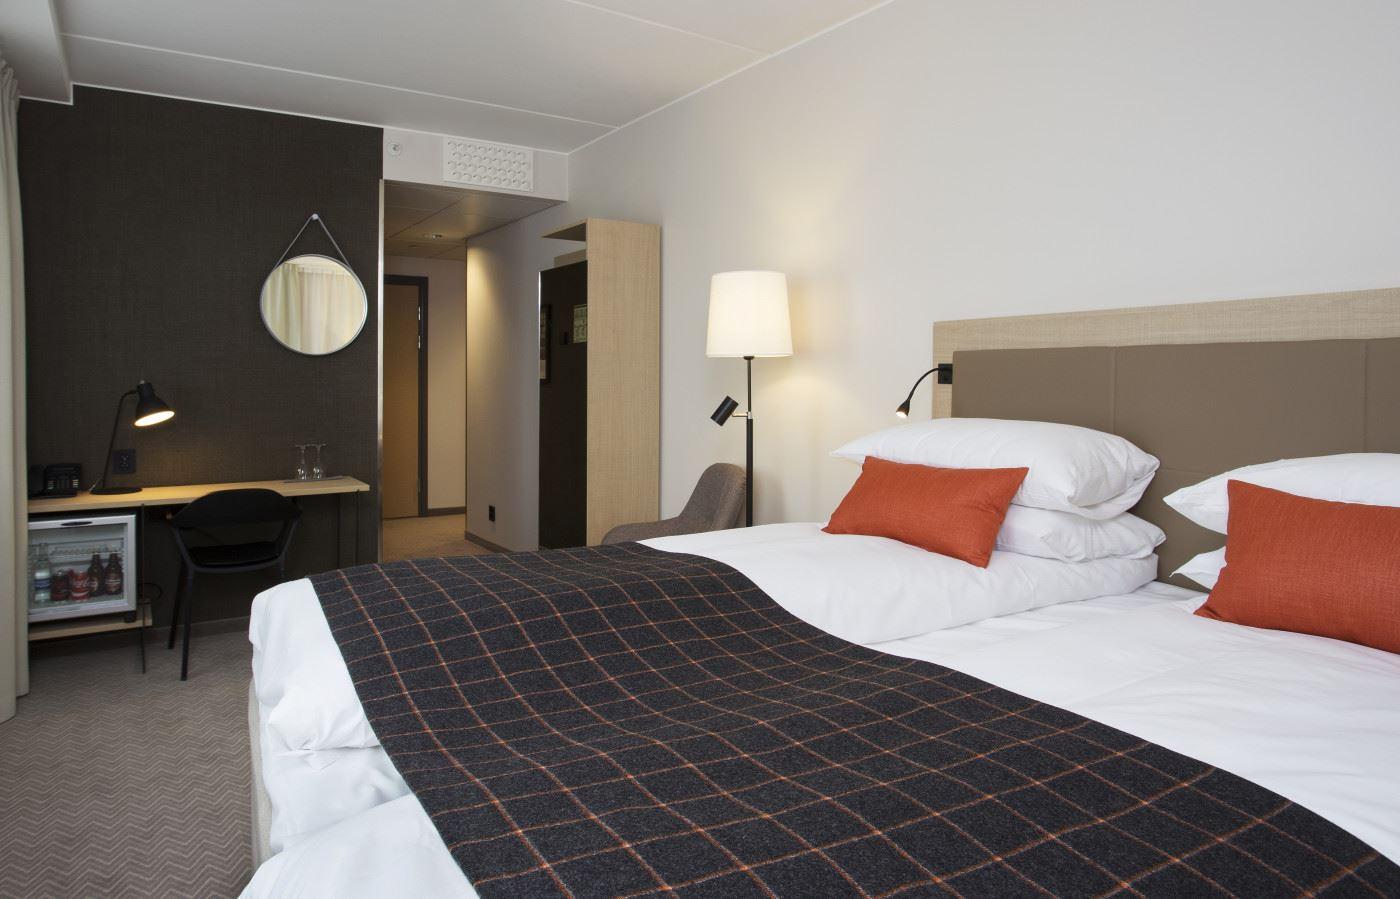 Scandic Meyergården hotel